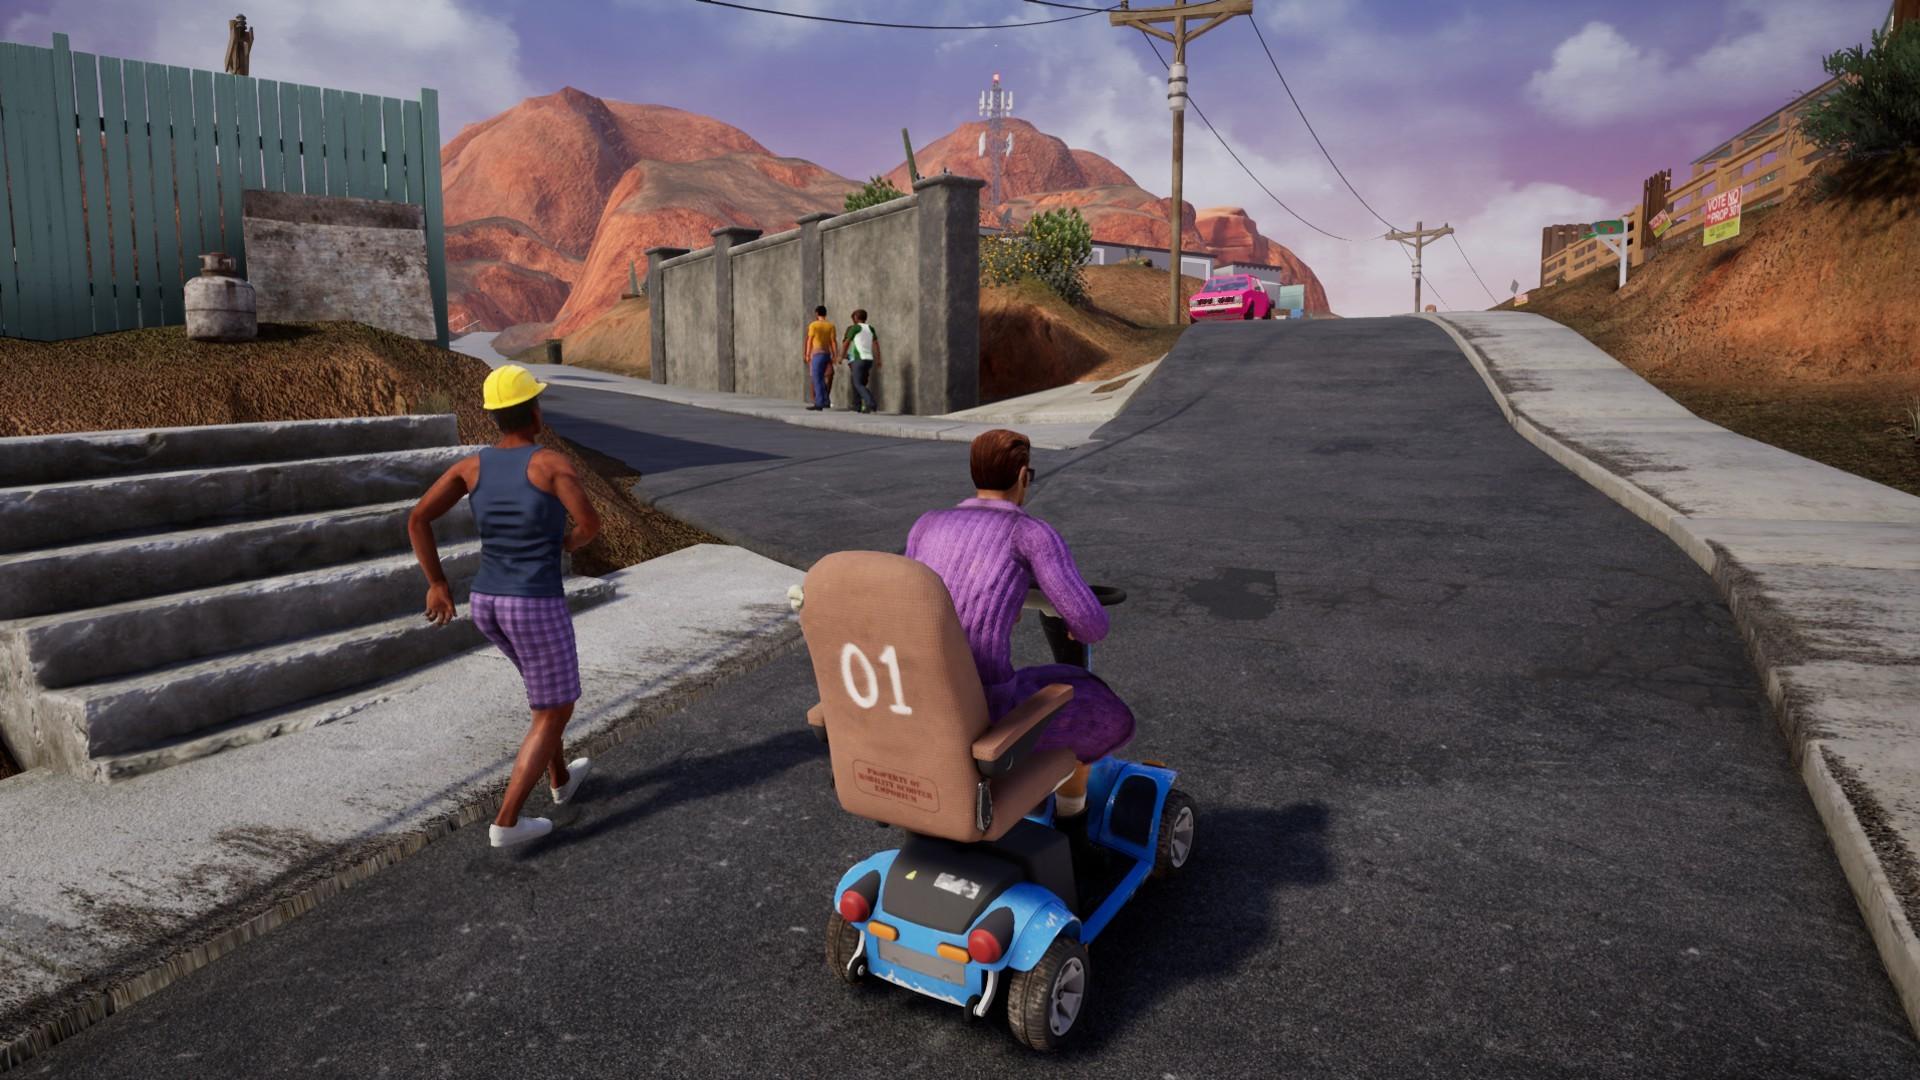 《喋血街头4》正式公布 已登陆Steam平台抢先体验